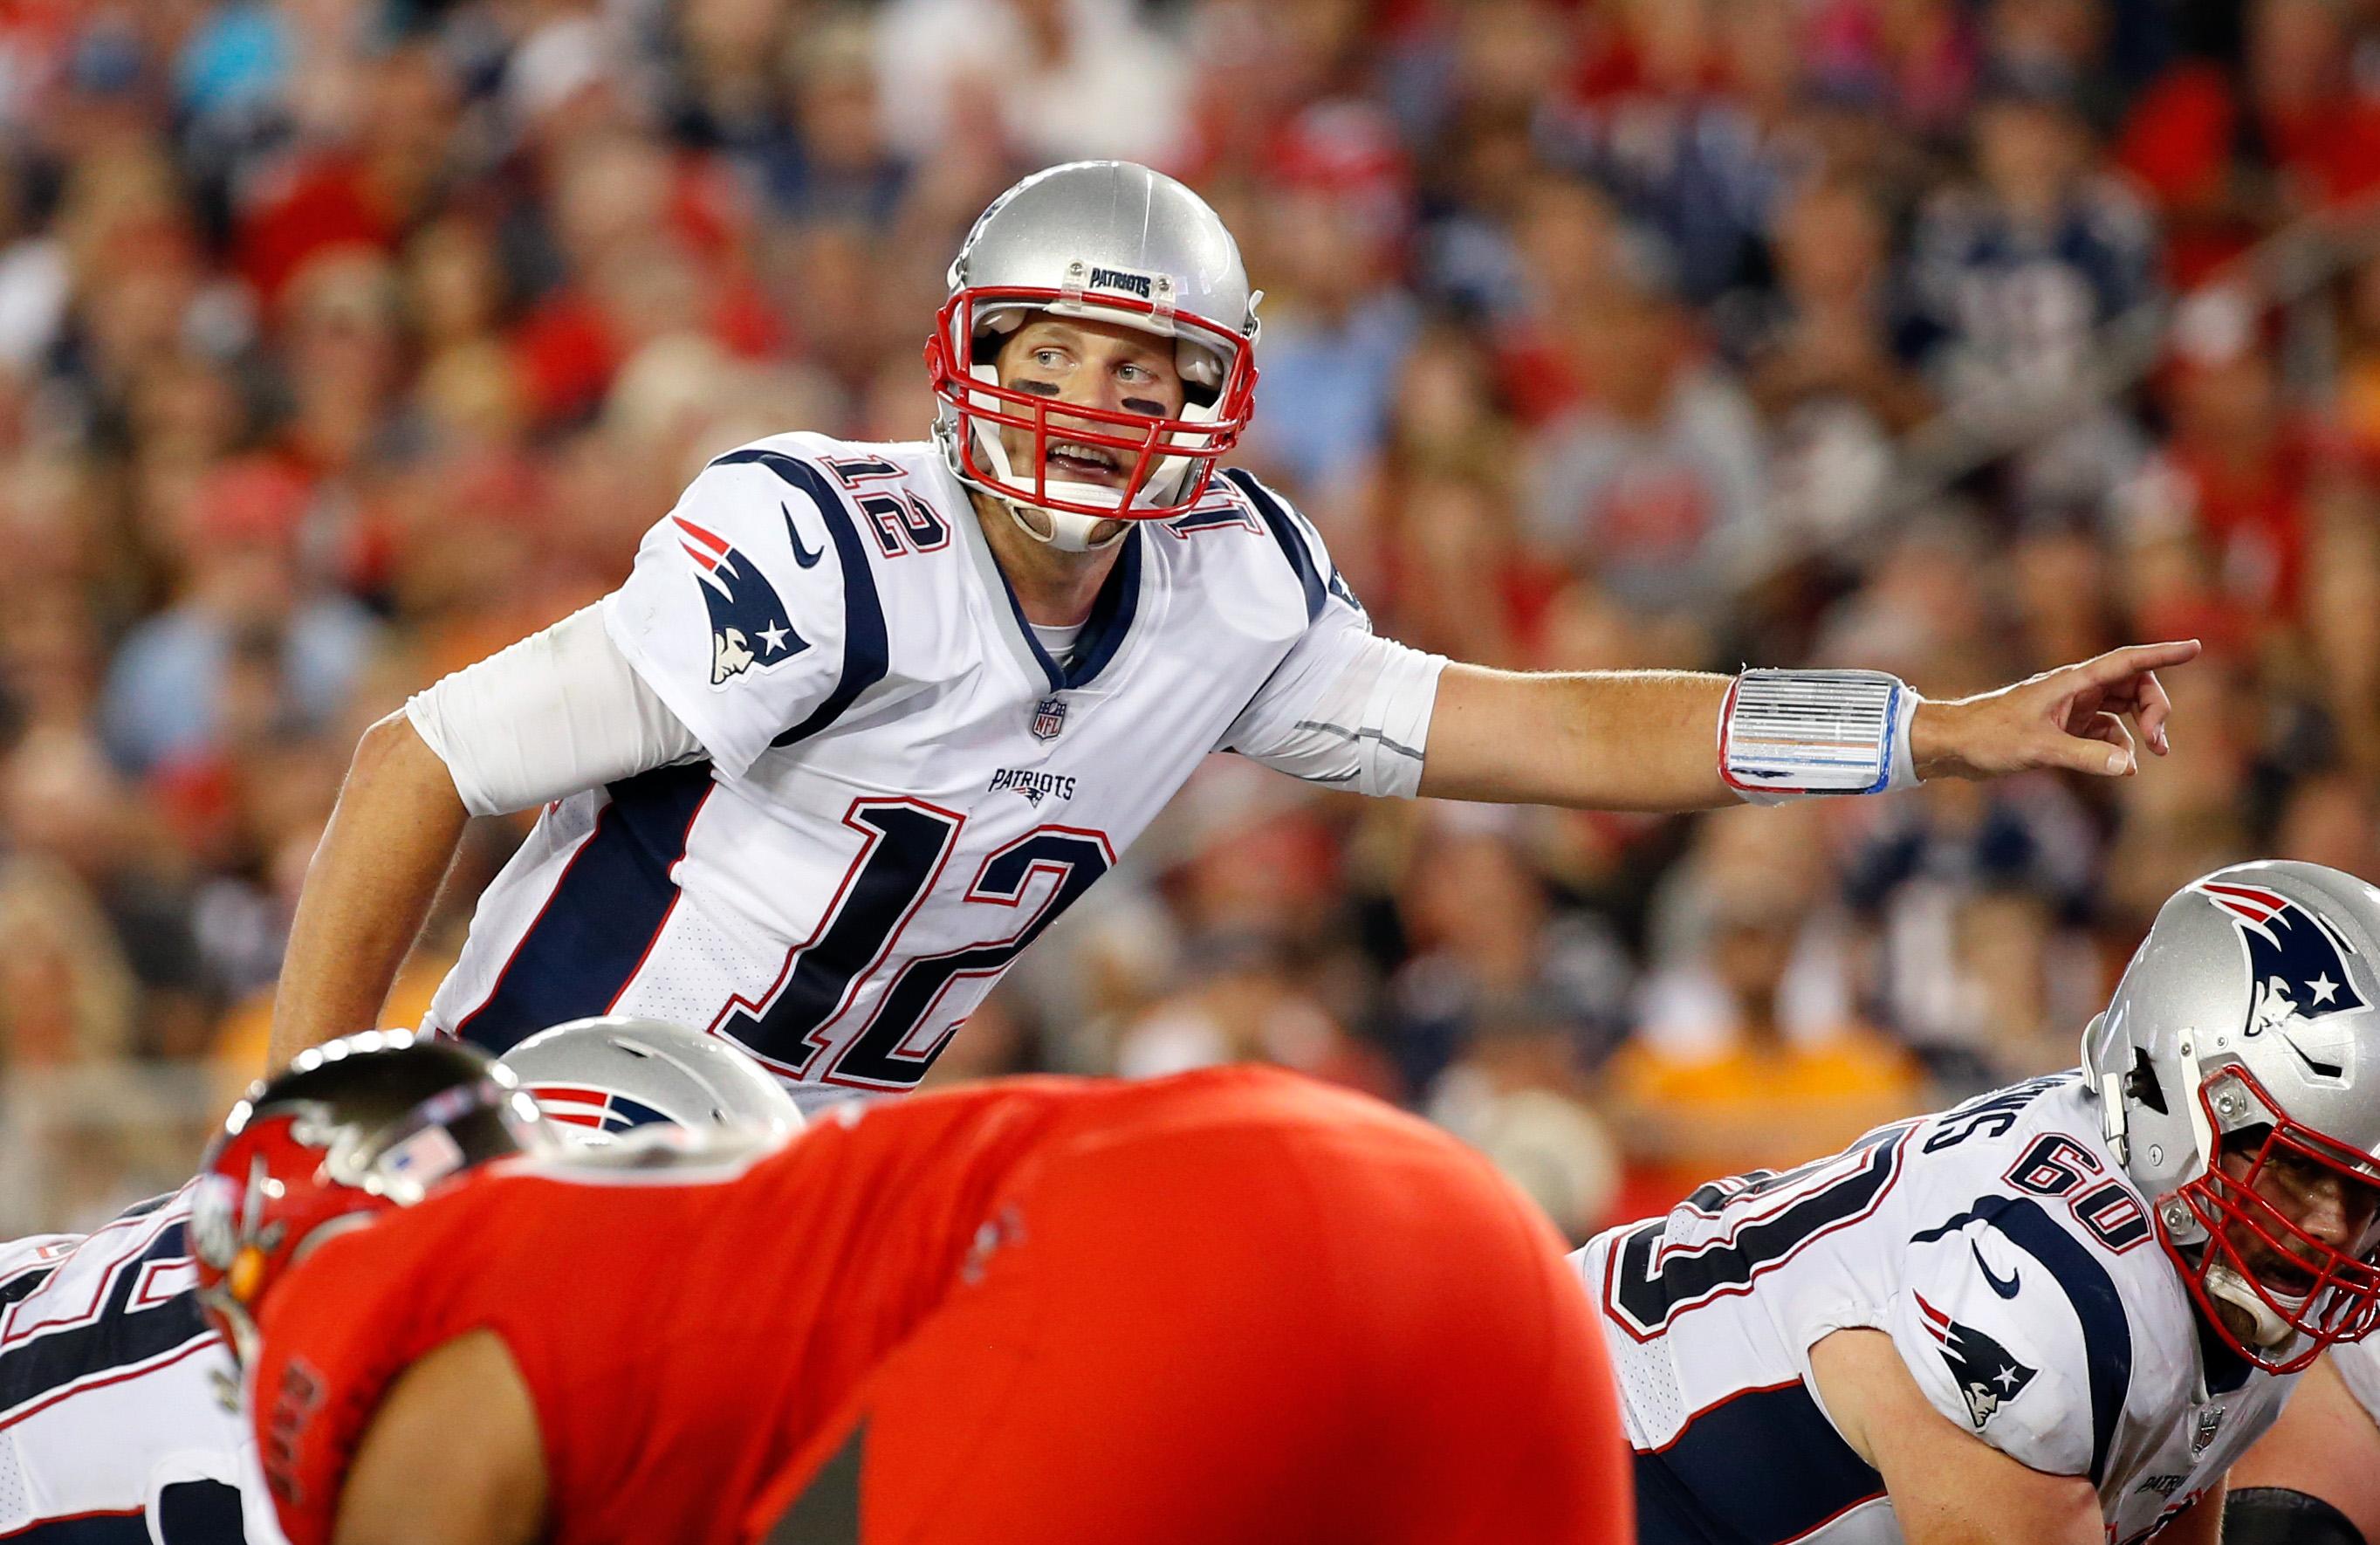 Tom Brady to Bucs Buzz Just Won't Go Away